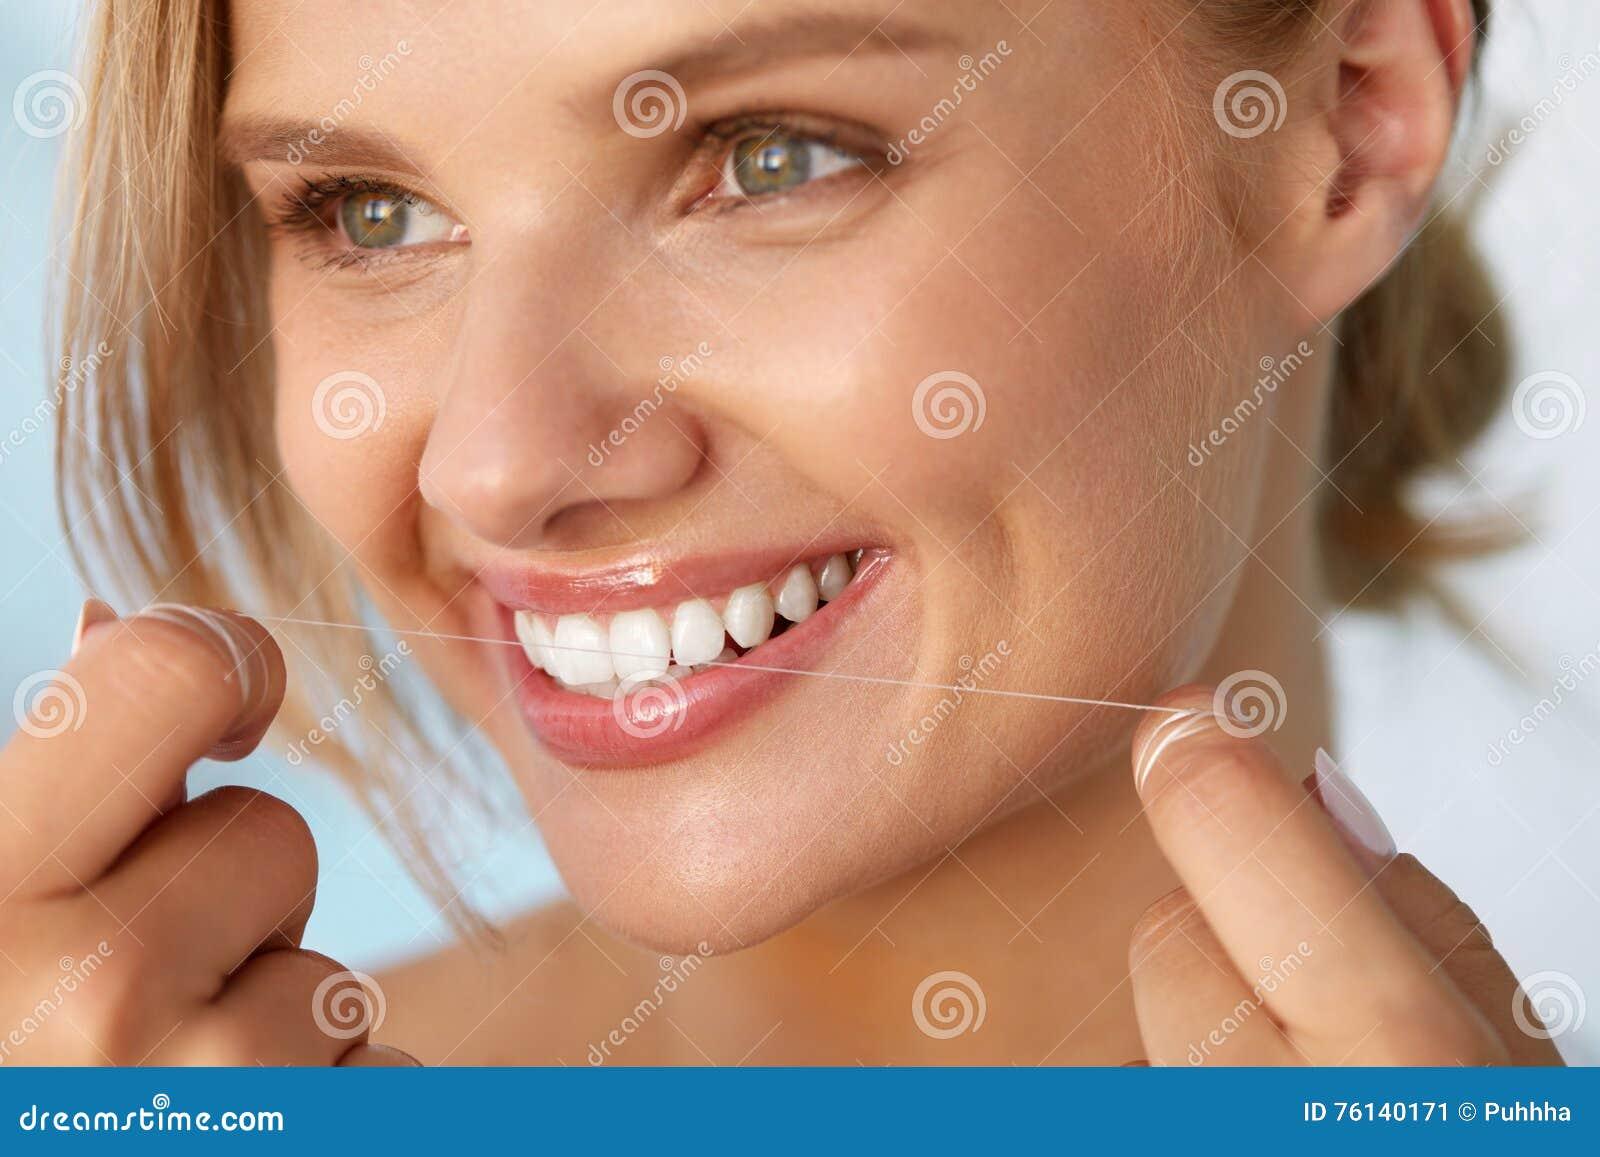 33c4f257c Saúde dental Retrato do close up da jovem mulher de sorriso feliz bonita  com o sorriso perfeito que limpa os dentes brancos saudáveis